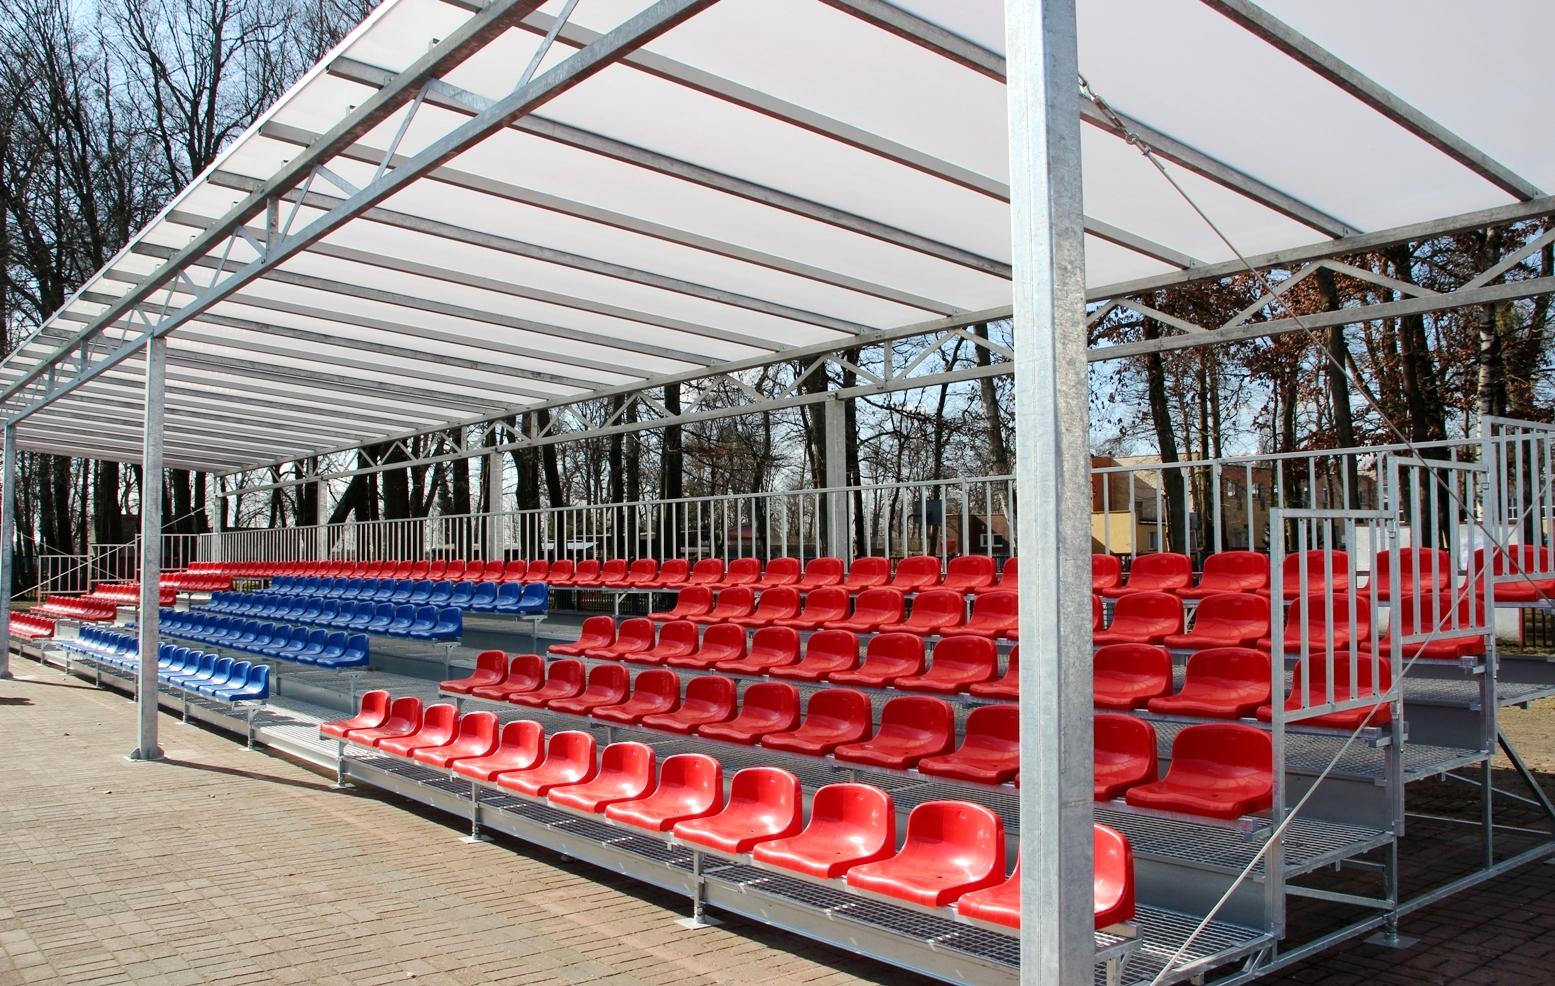 Nowa zadaszona trybuna na Stadionie Miejskim w Białogardzie